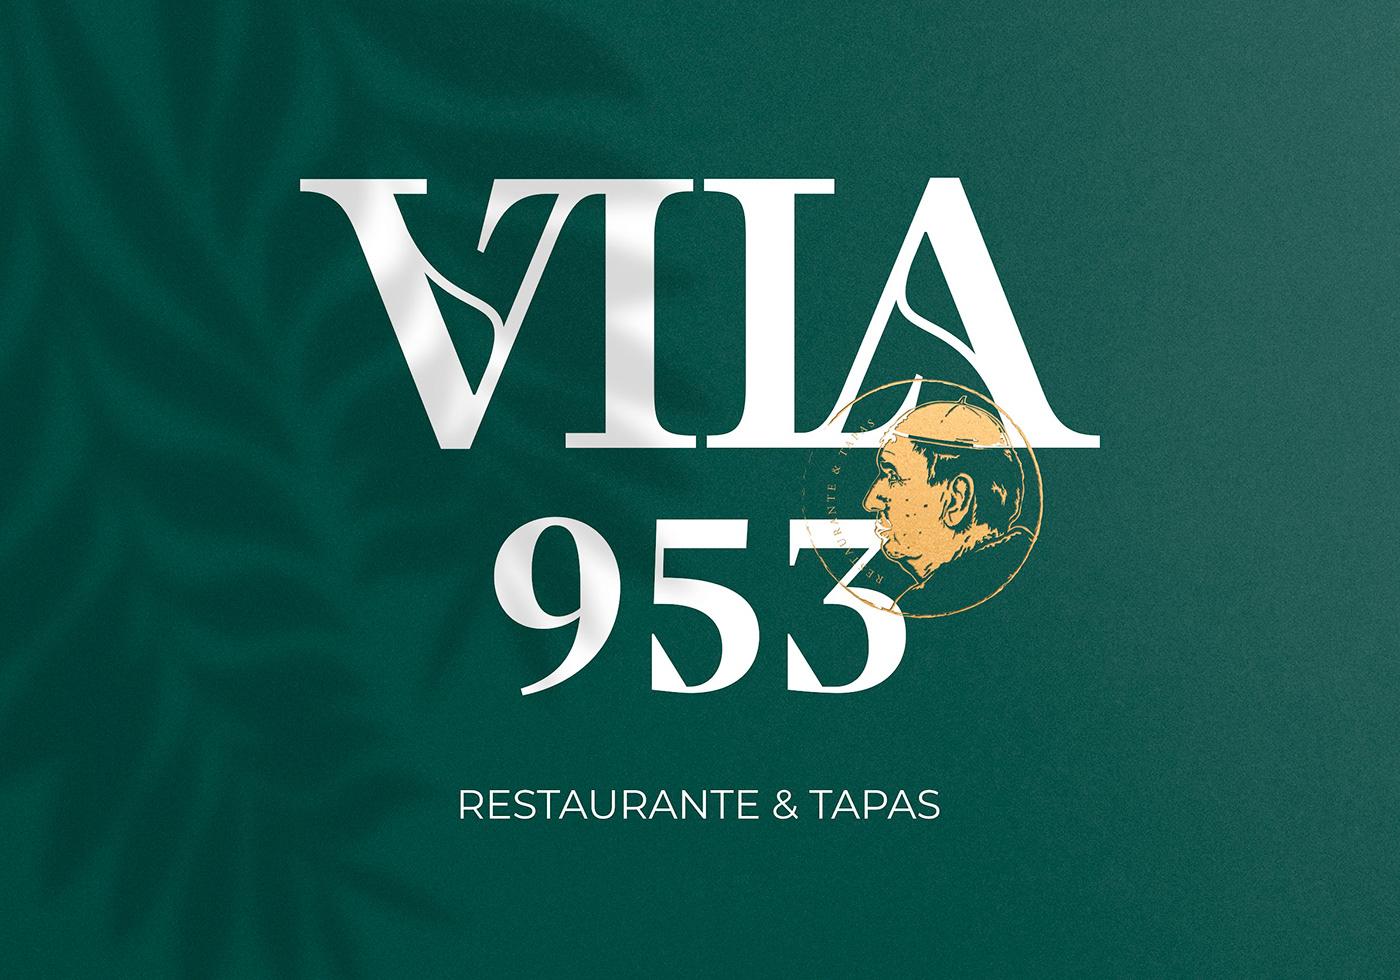 ambigram culture identity logo Portugal tradition vila953